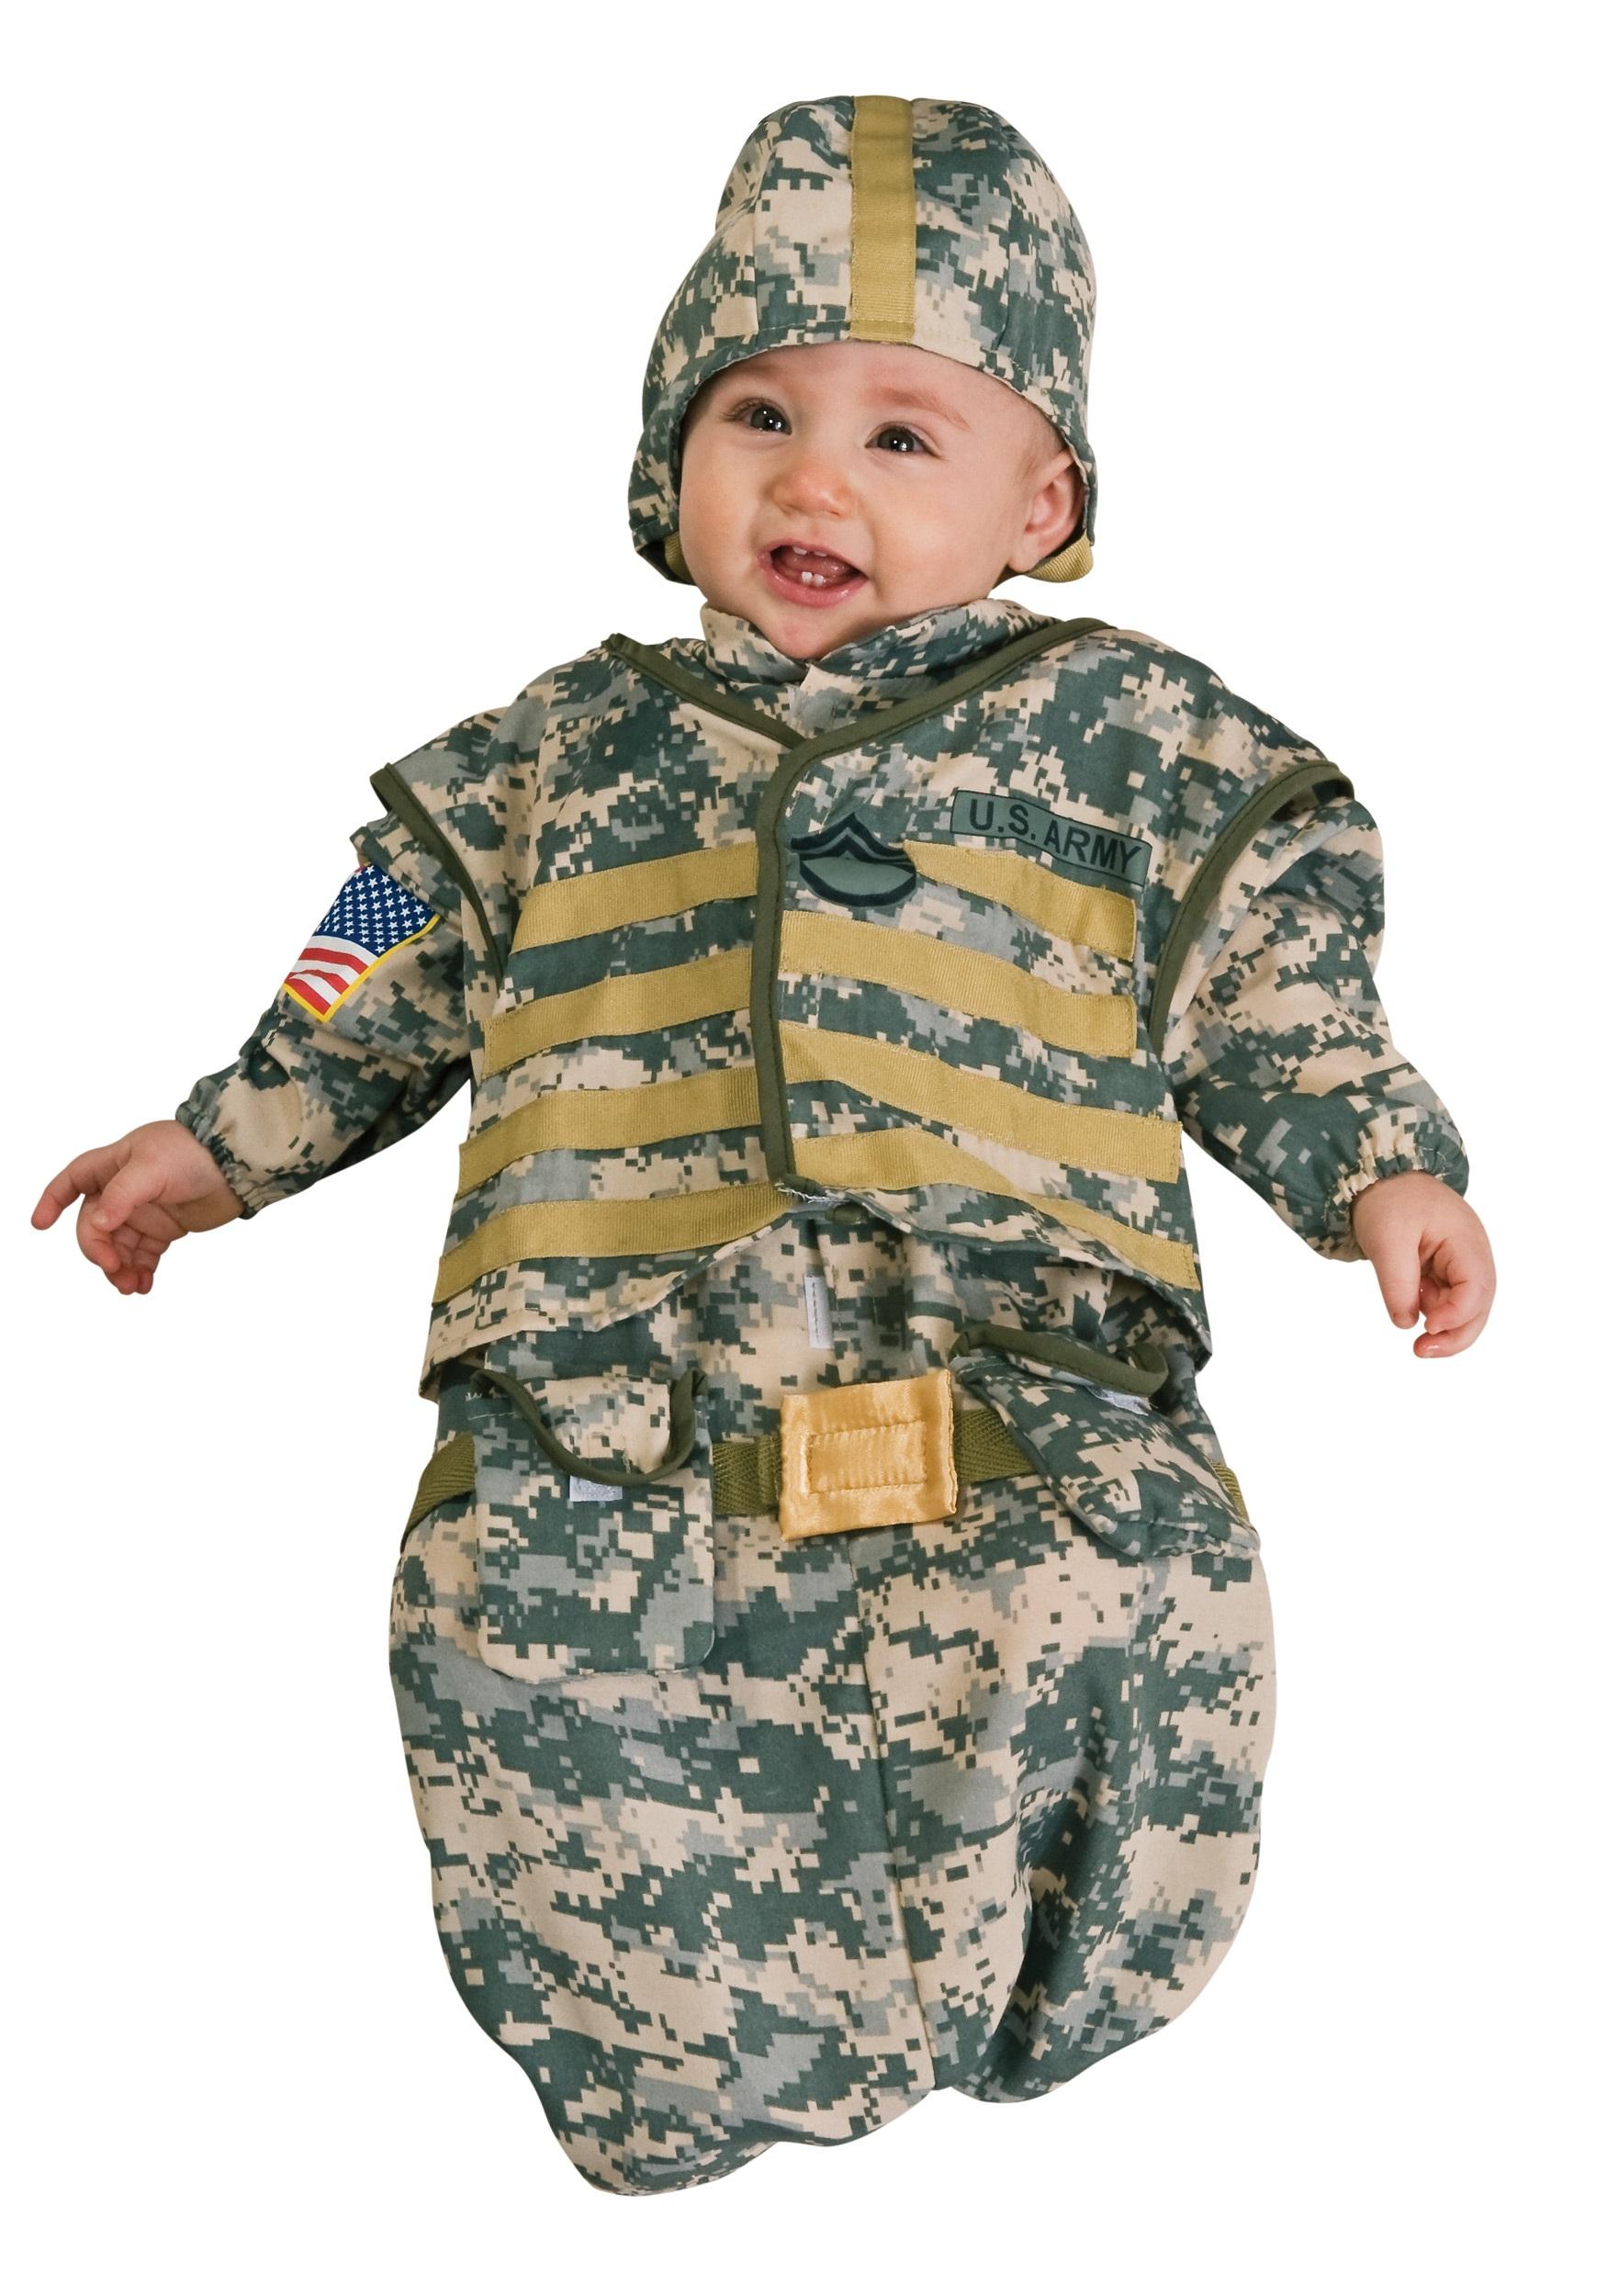 Newborn Soldier Costume  sc 1 st  Halloween Costumes & Newborn Soldier Costume - Halloween Costumes